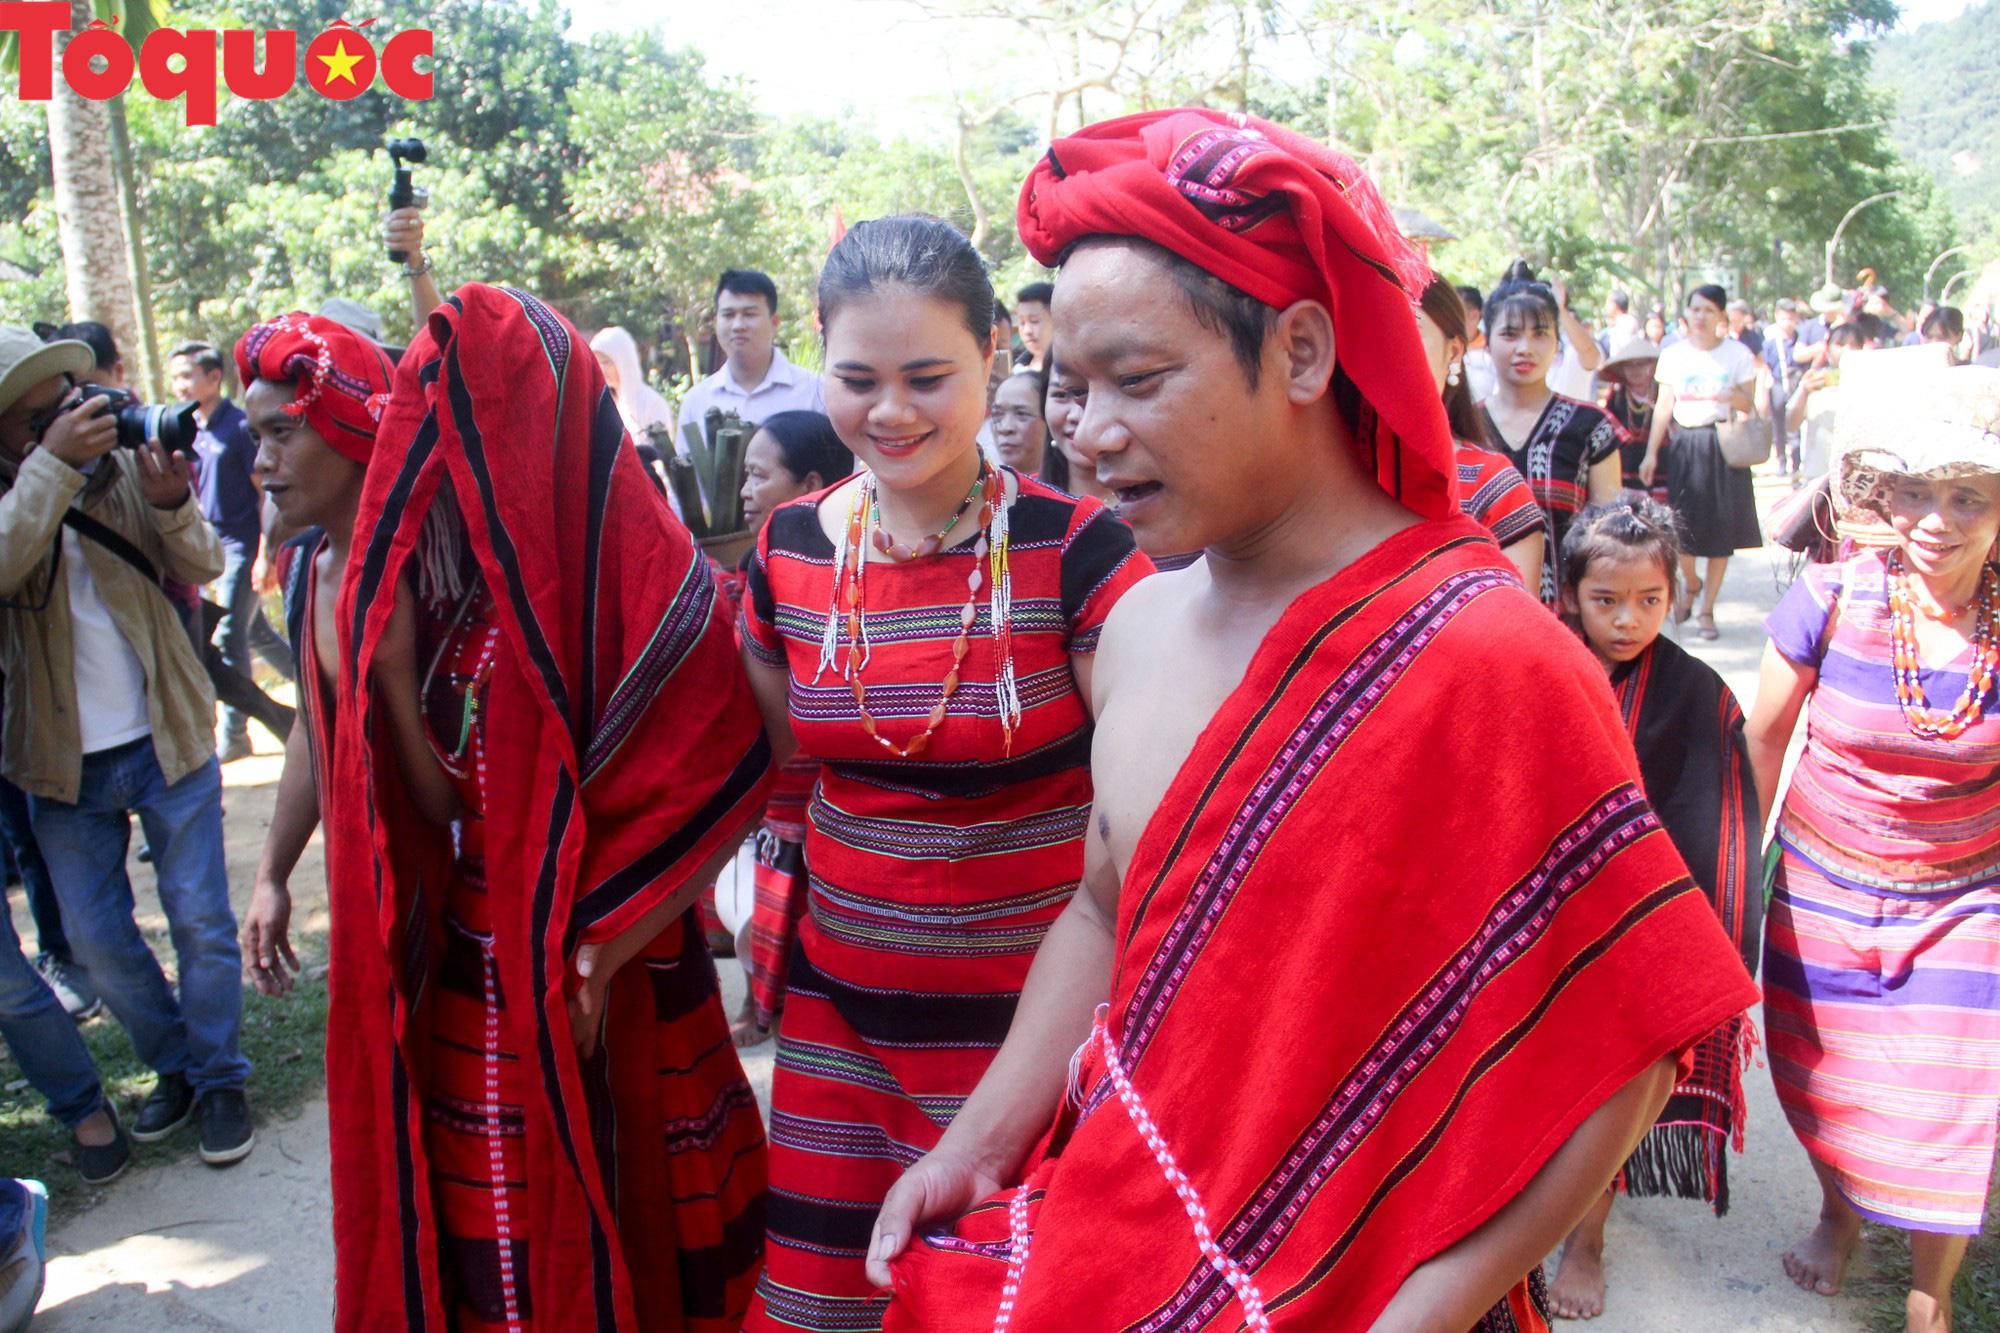 Độc đáo lễ cưới của người Pa Cô - Ảnh 7.